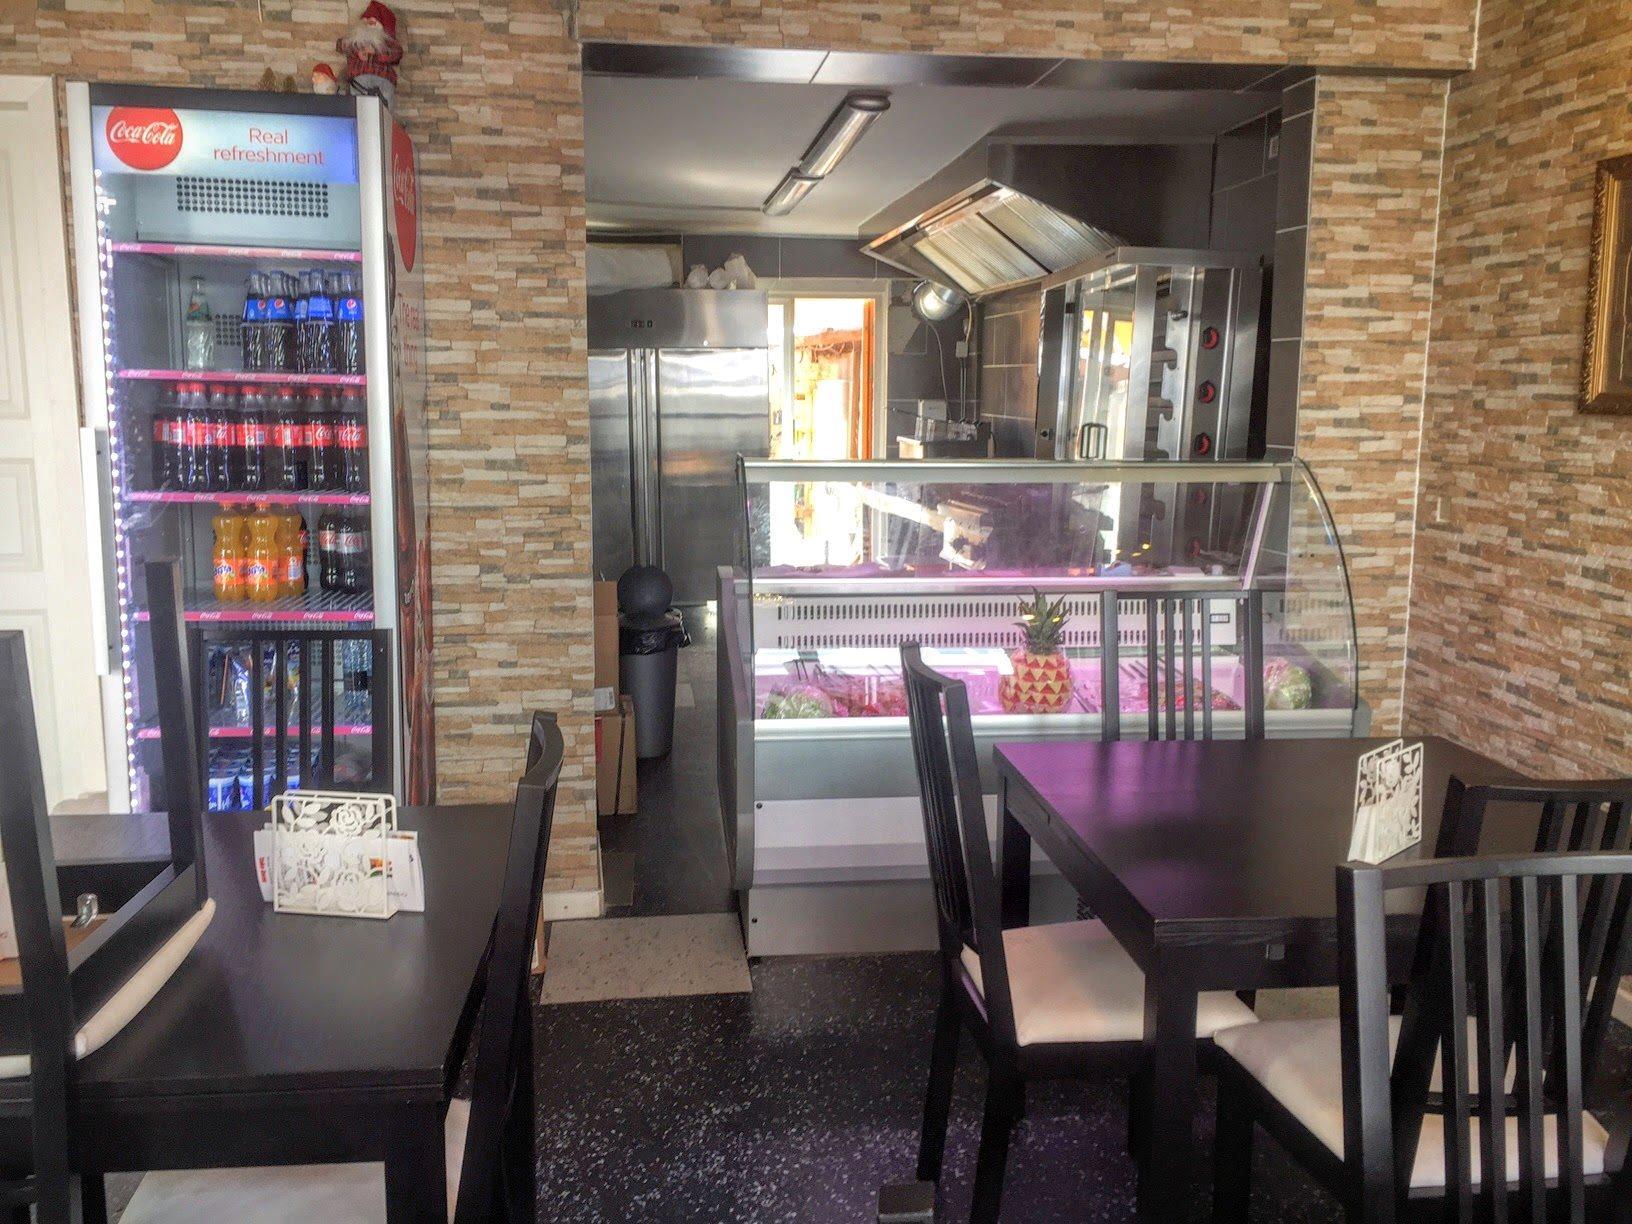 Bolig/erhverv på Perlegade i Sønderborg - Restaurant